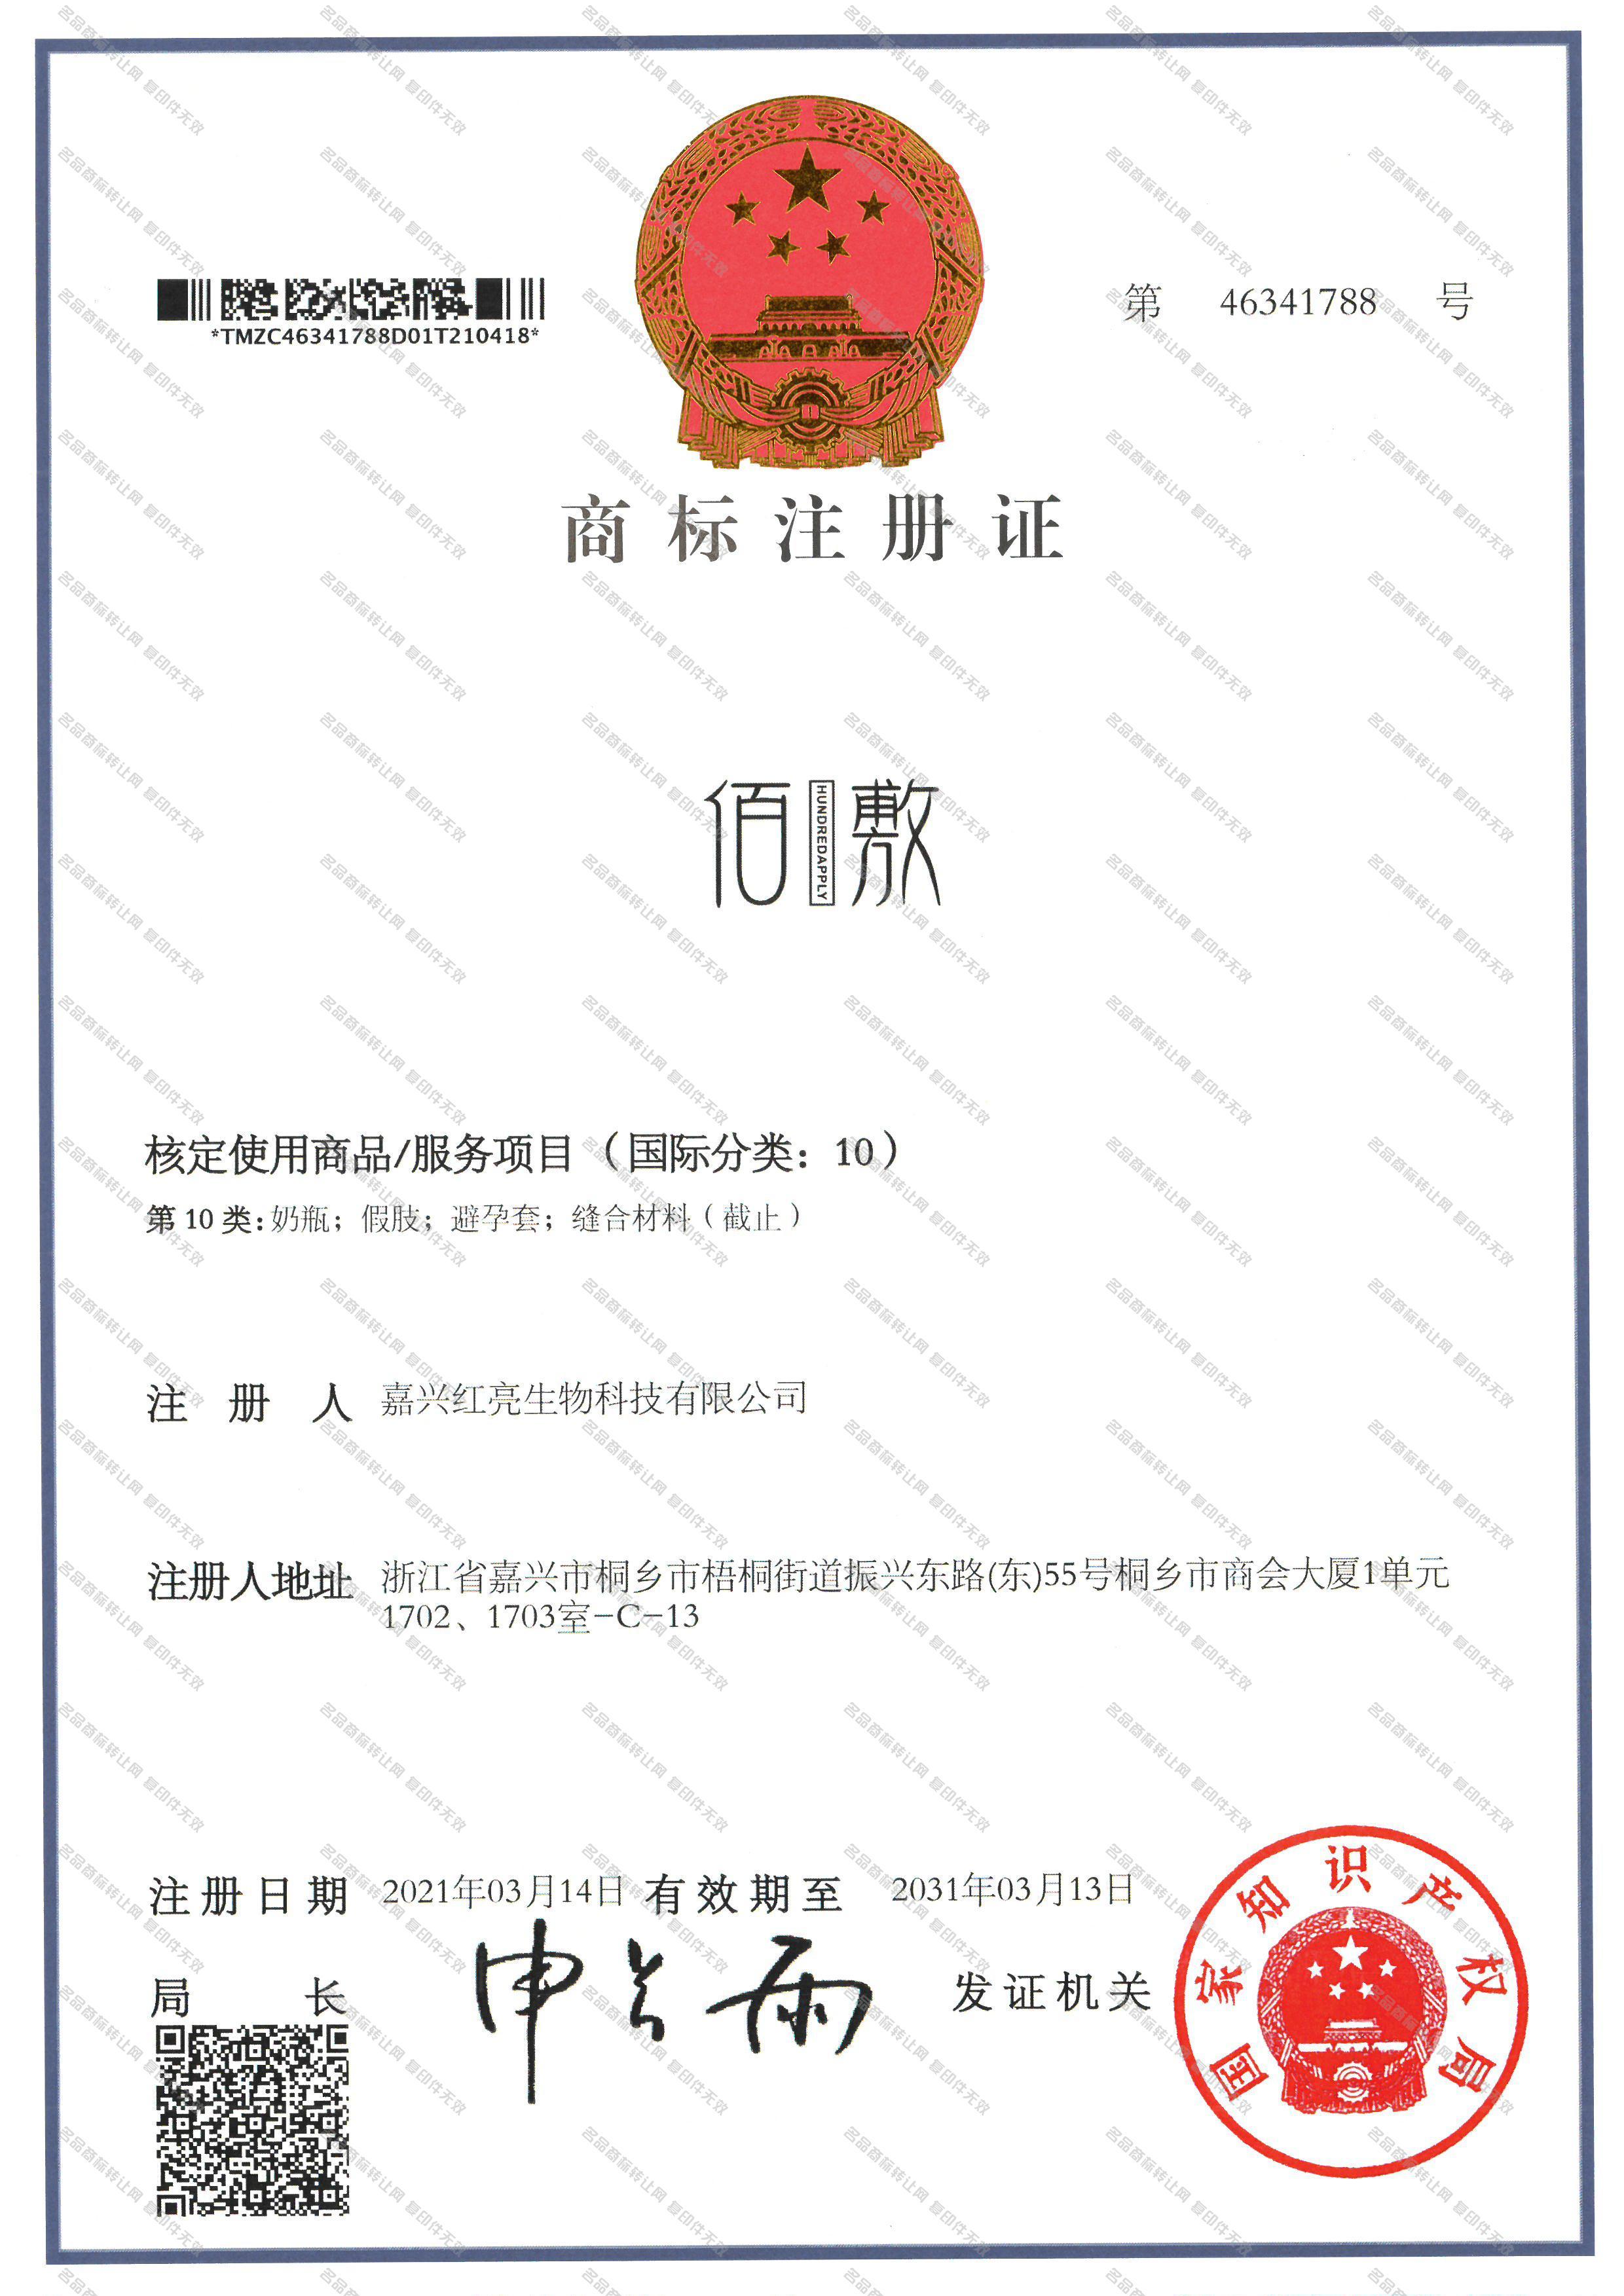 佰敷 HUNDREDAPPLY注册证